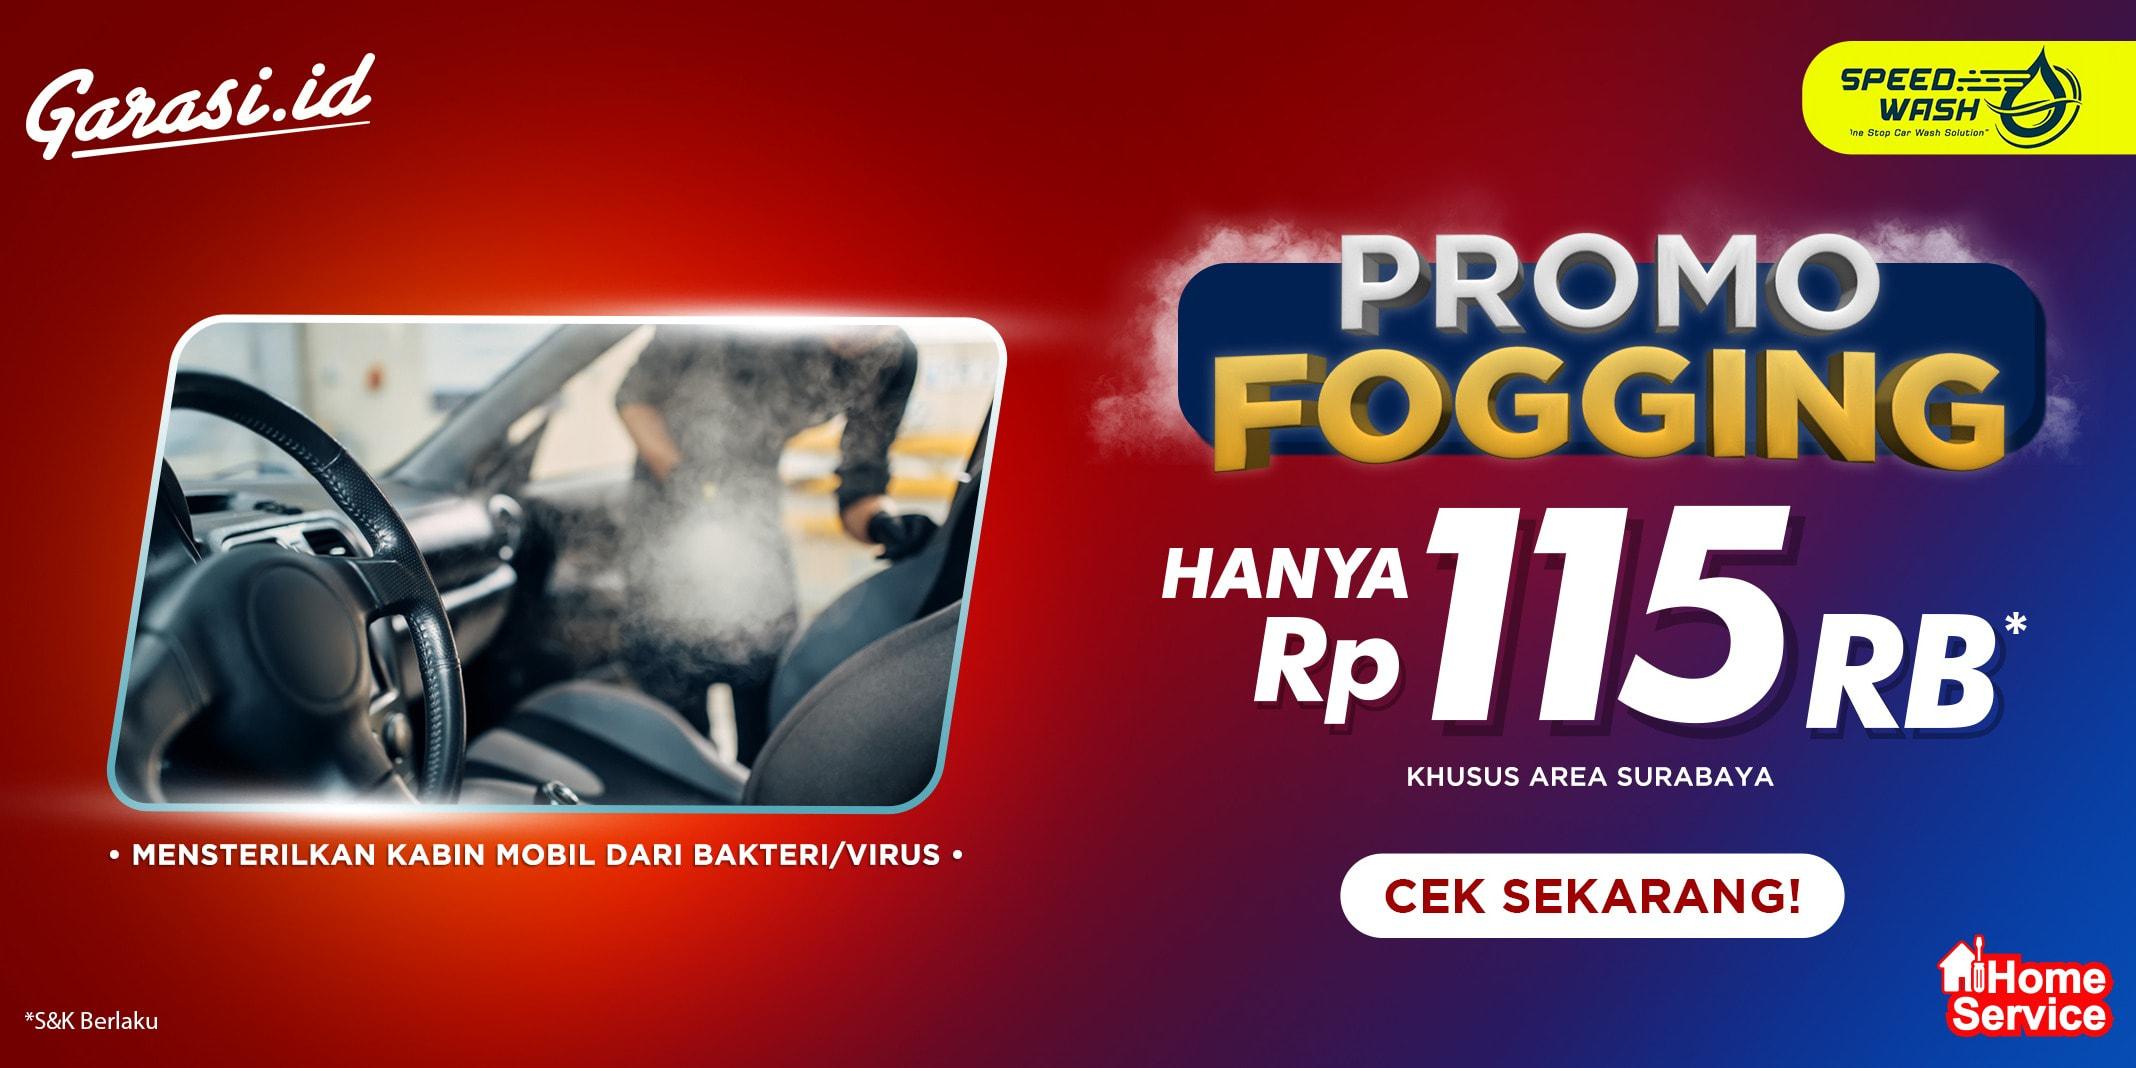 Promo Fogging Speedwash